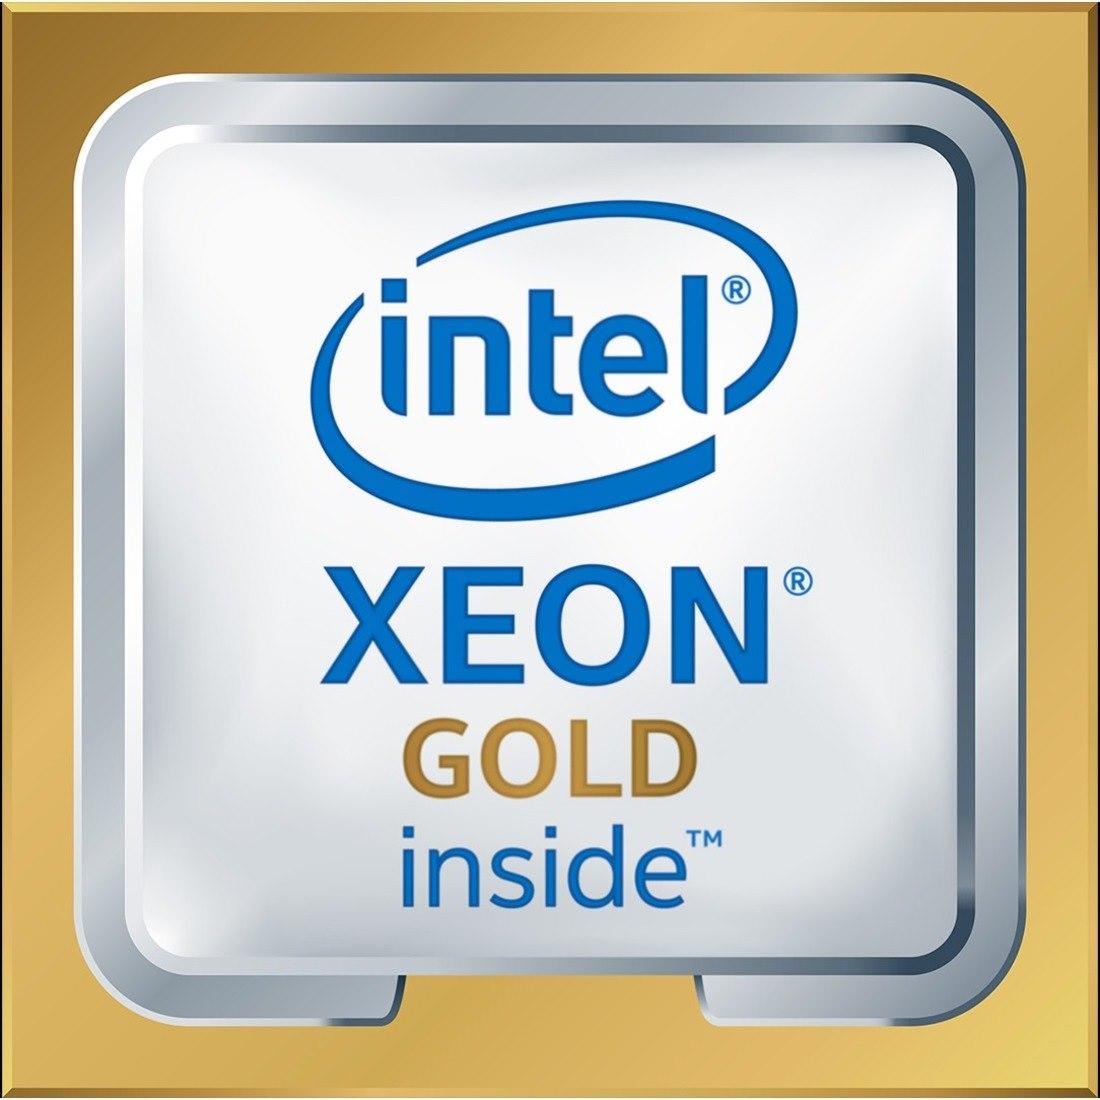 Cisco Intel Xeon Gold 6148 Icosa-core (20 Core) 2.40 GHz Processor Upgrade